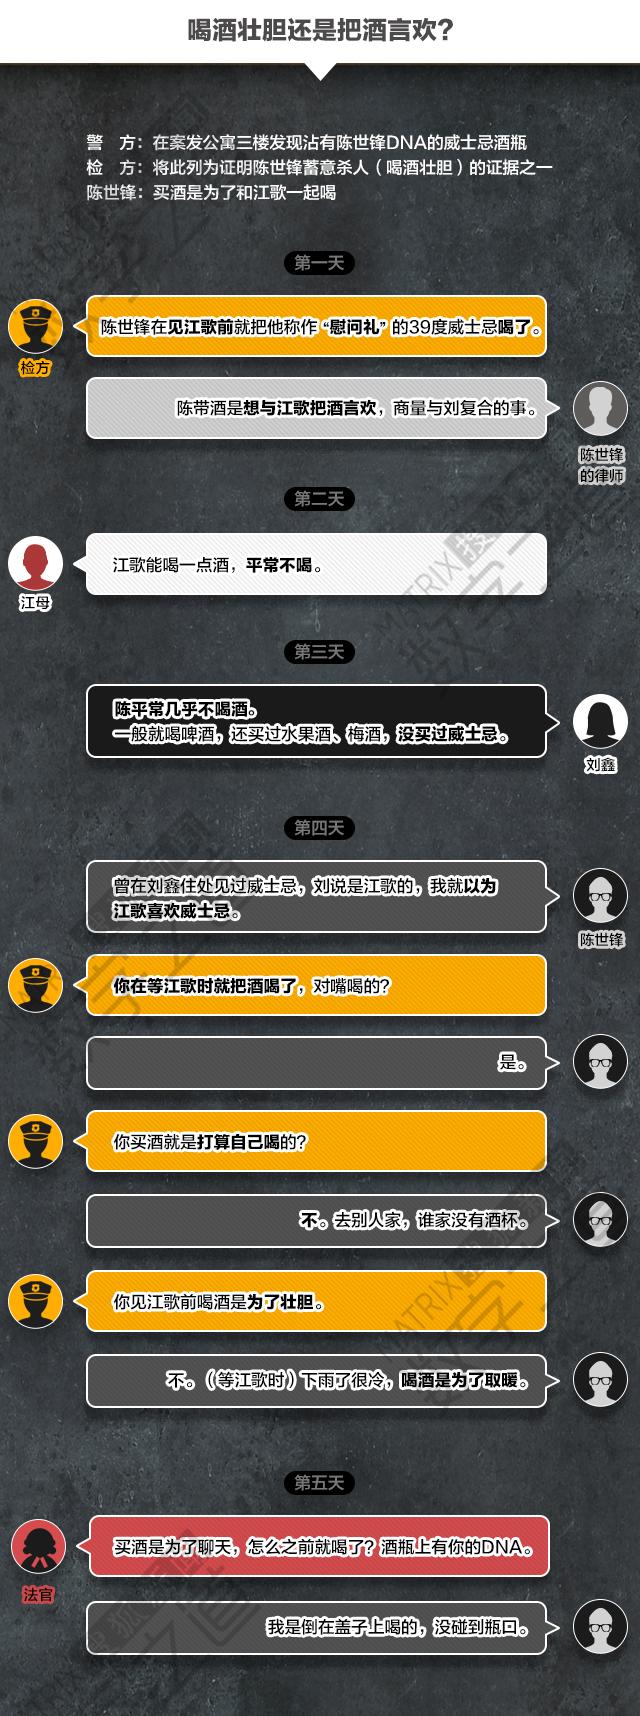 江歌案庭审:解释、谎言难分辨 只有刀伤不说谎